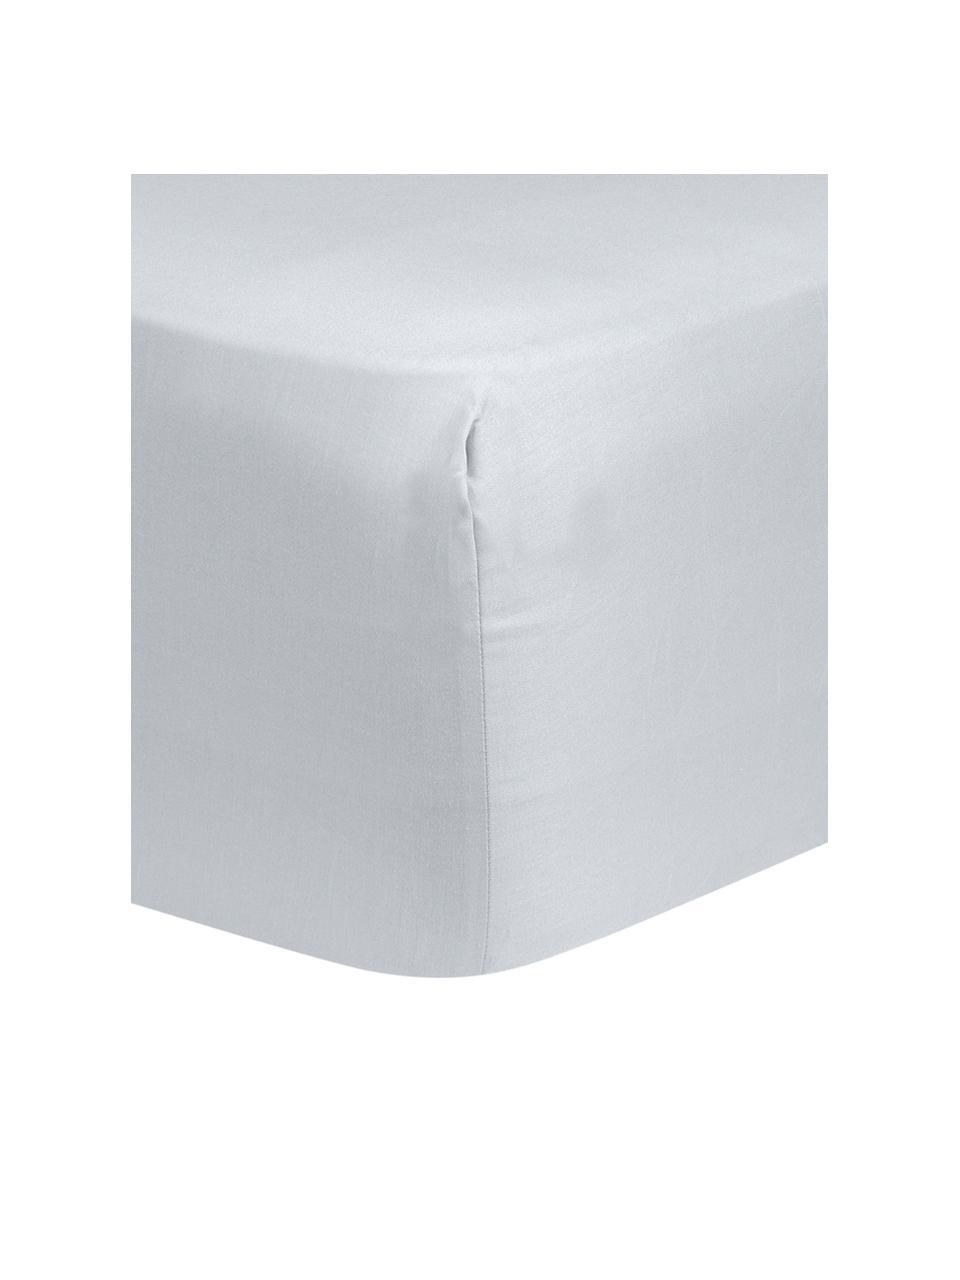 Spannbettlaken Comfort in Hellgrau, Baumwollsatin, Webart: Satin, leicht glänzend, Hellgrau, 180 x 200 cm